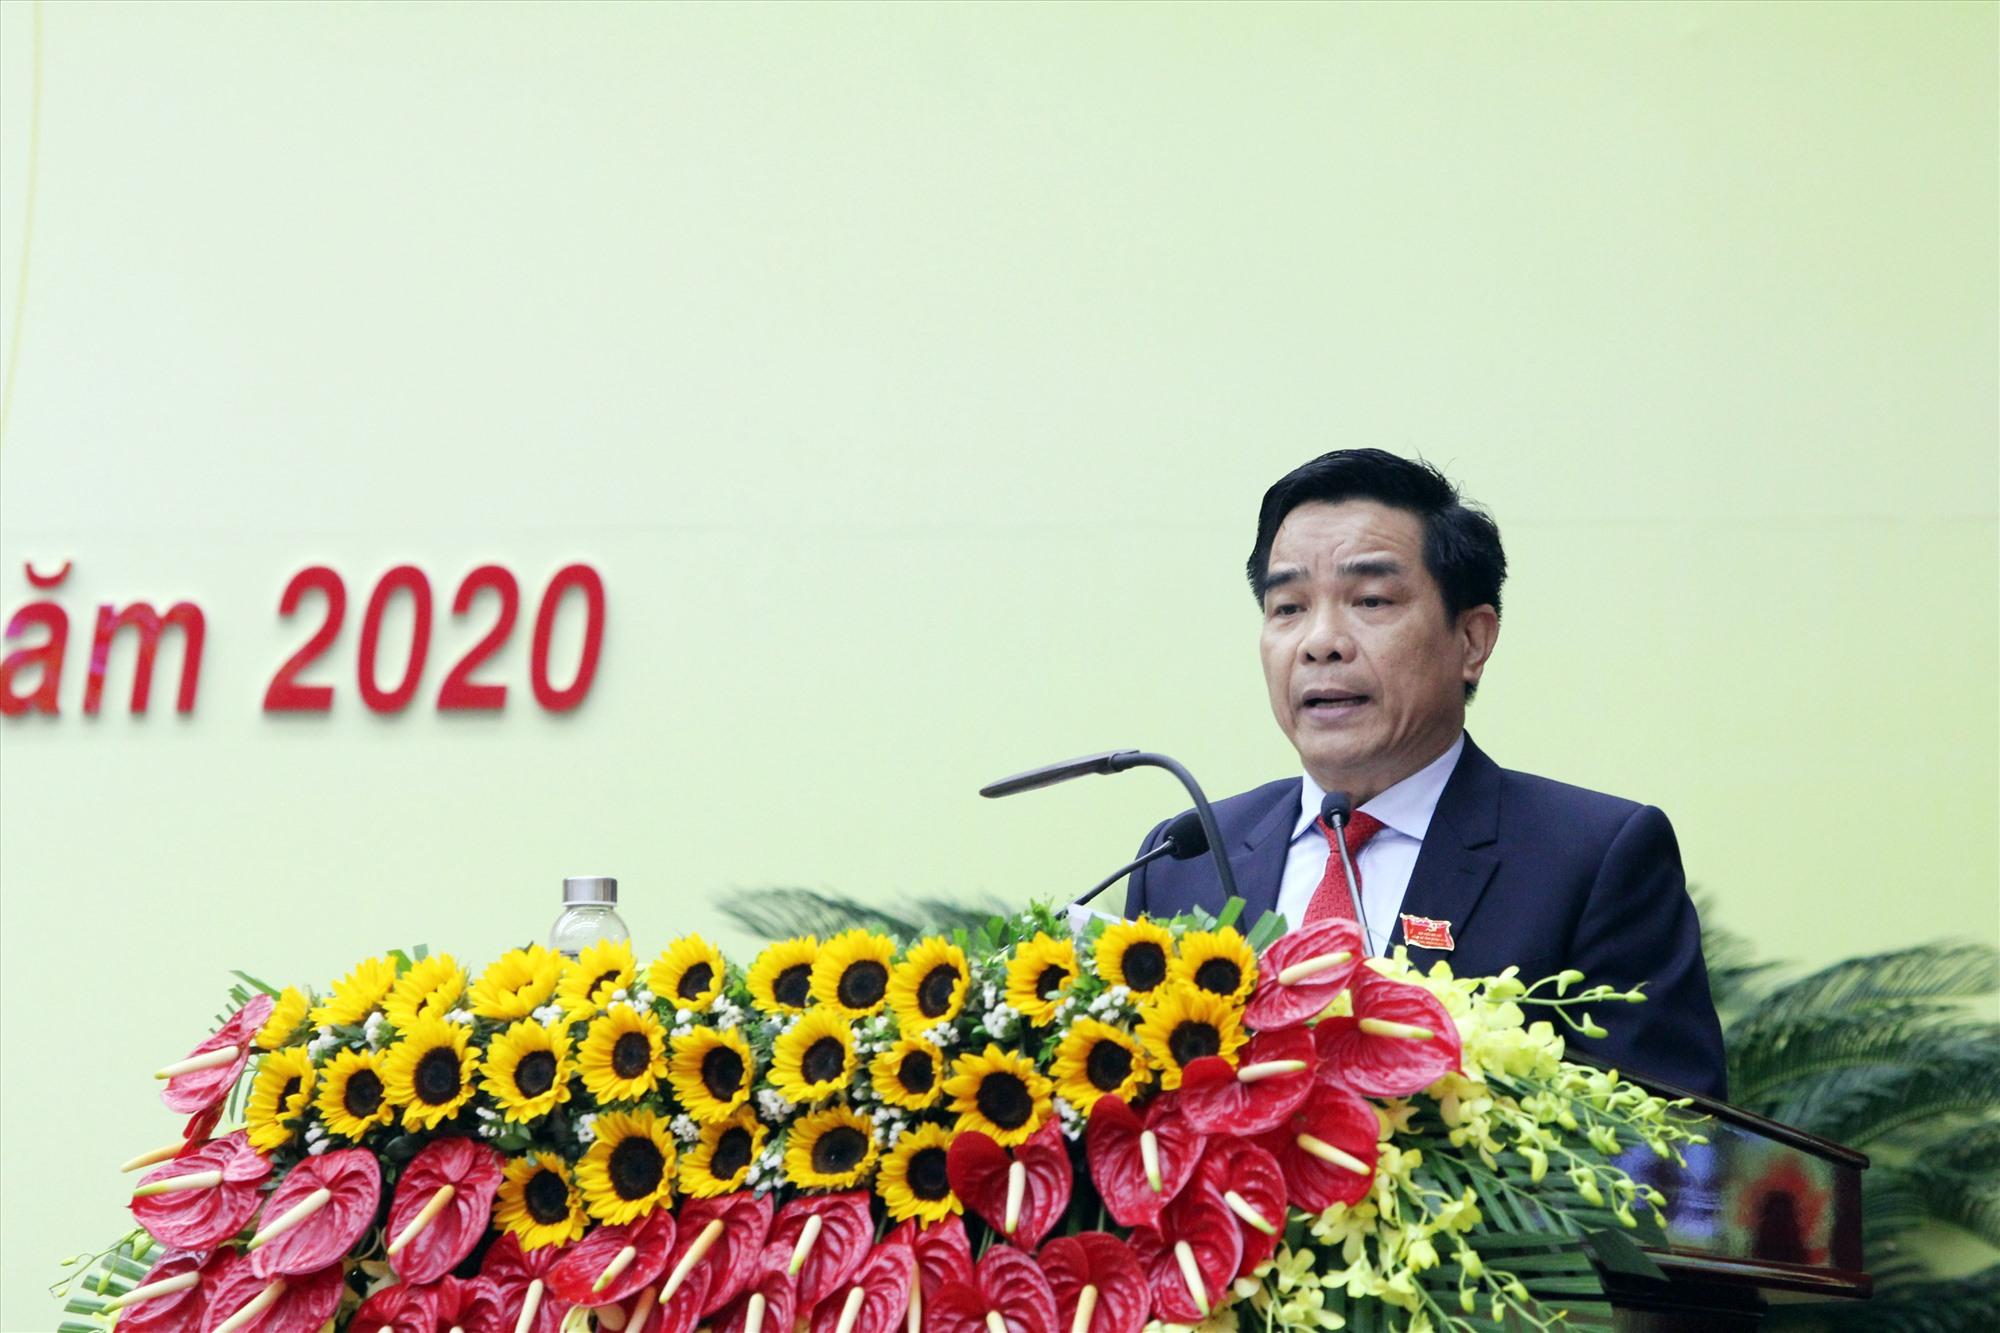 Đồng chí Lê Văn Dũng - Phó Bí thư Thường trực Tỉnh ủy trình bày tóm tắt Báo cáo chính trị tại Đại hội.